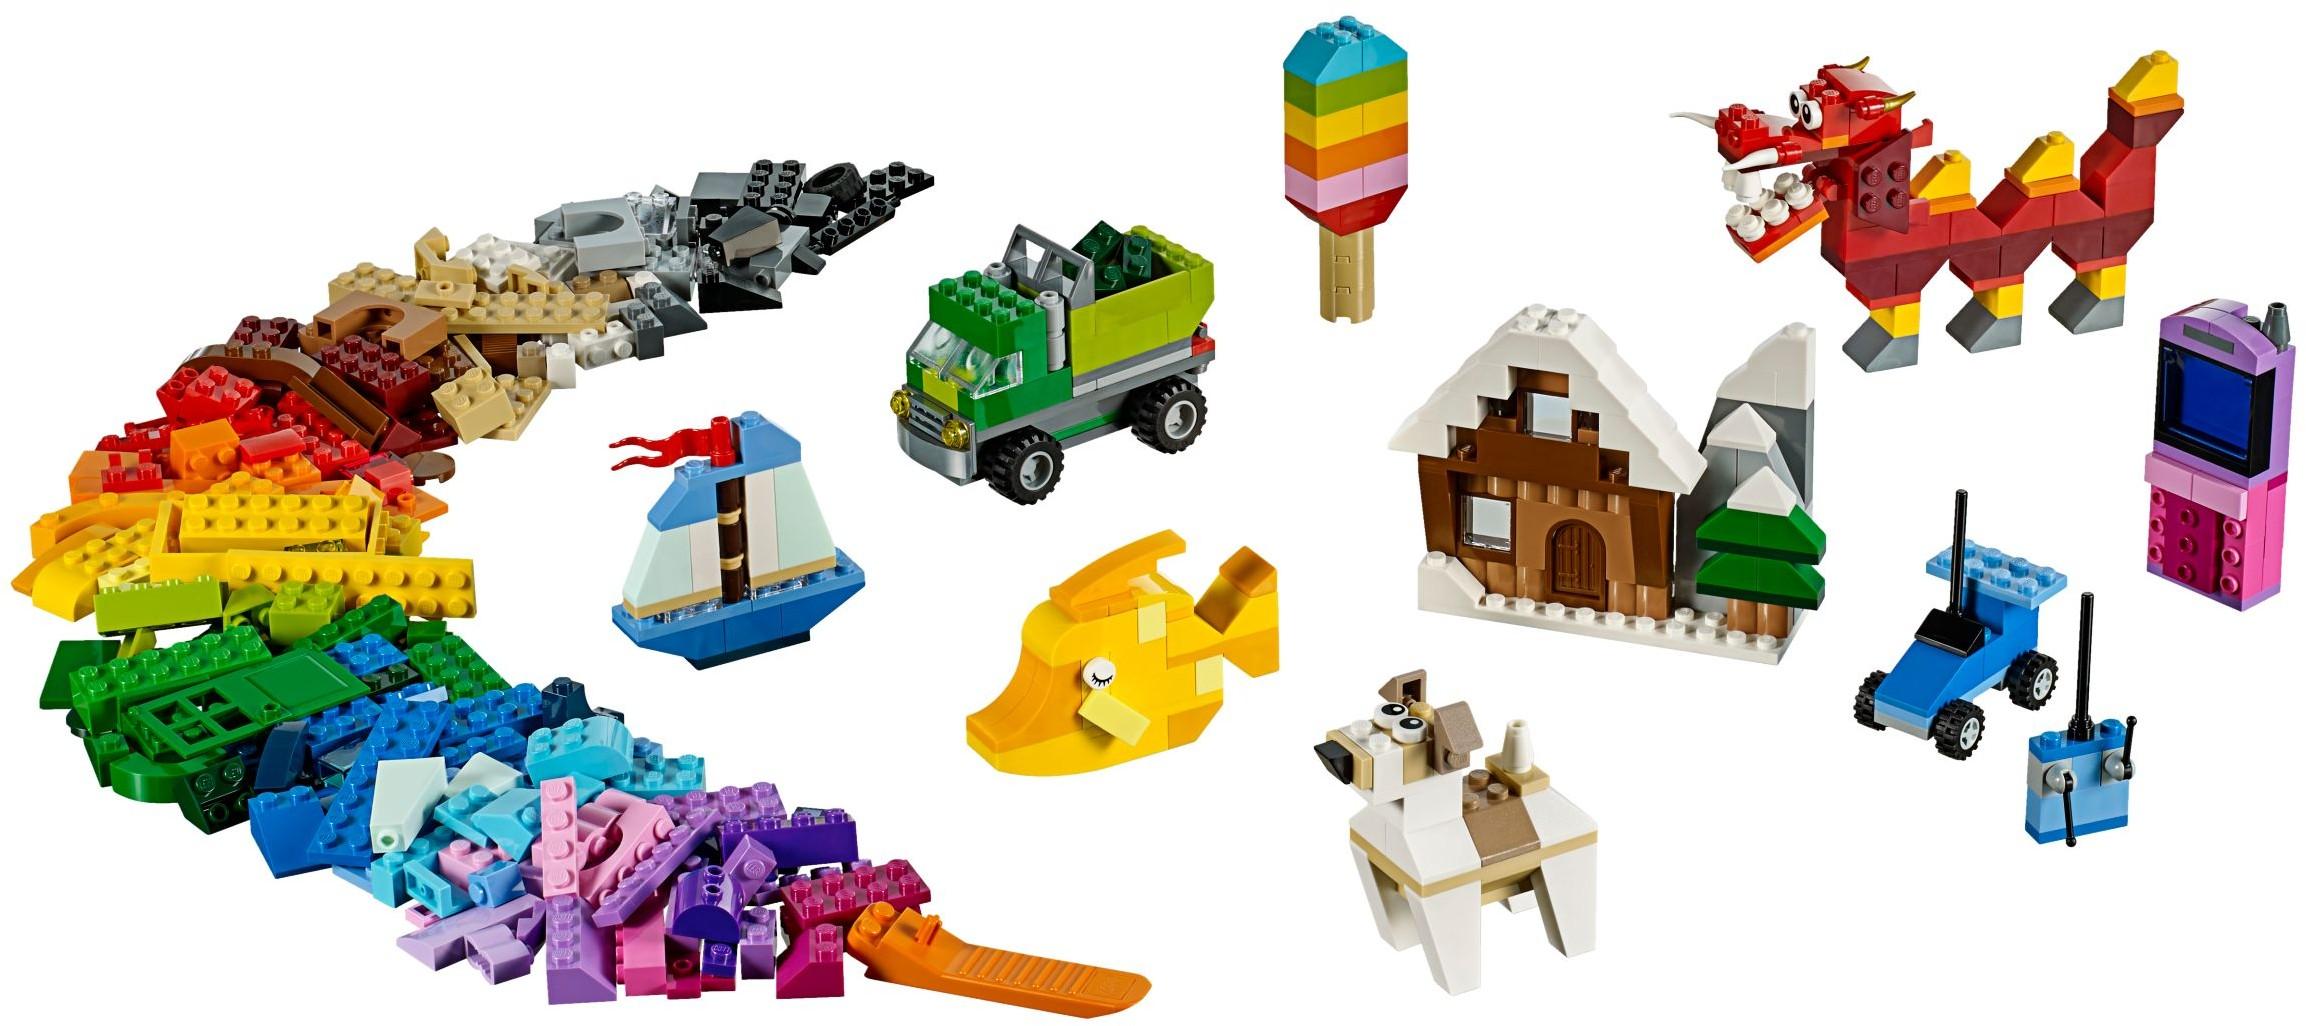 2017 brickset lego set guide and database creative box malvernweather Images